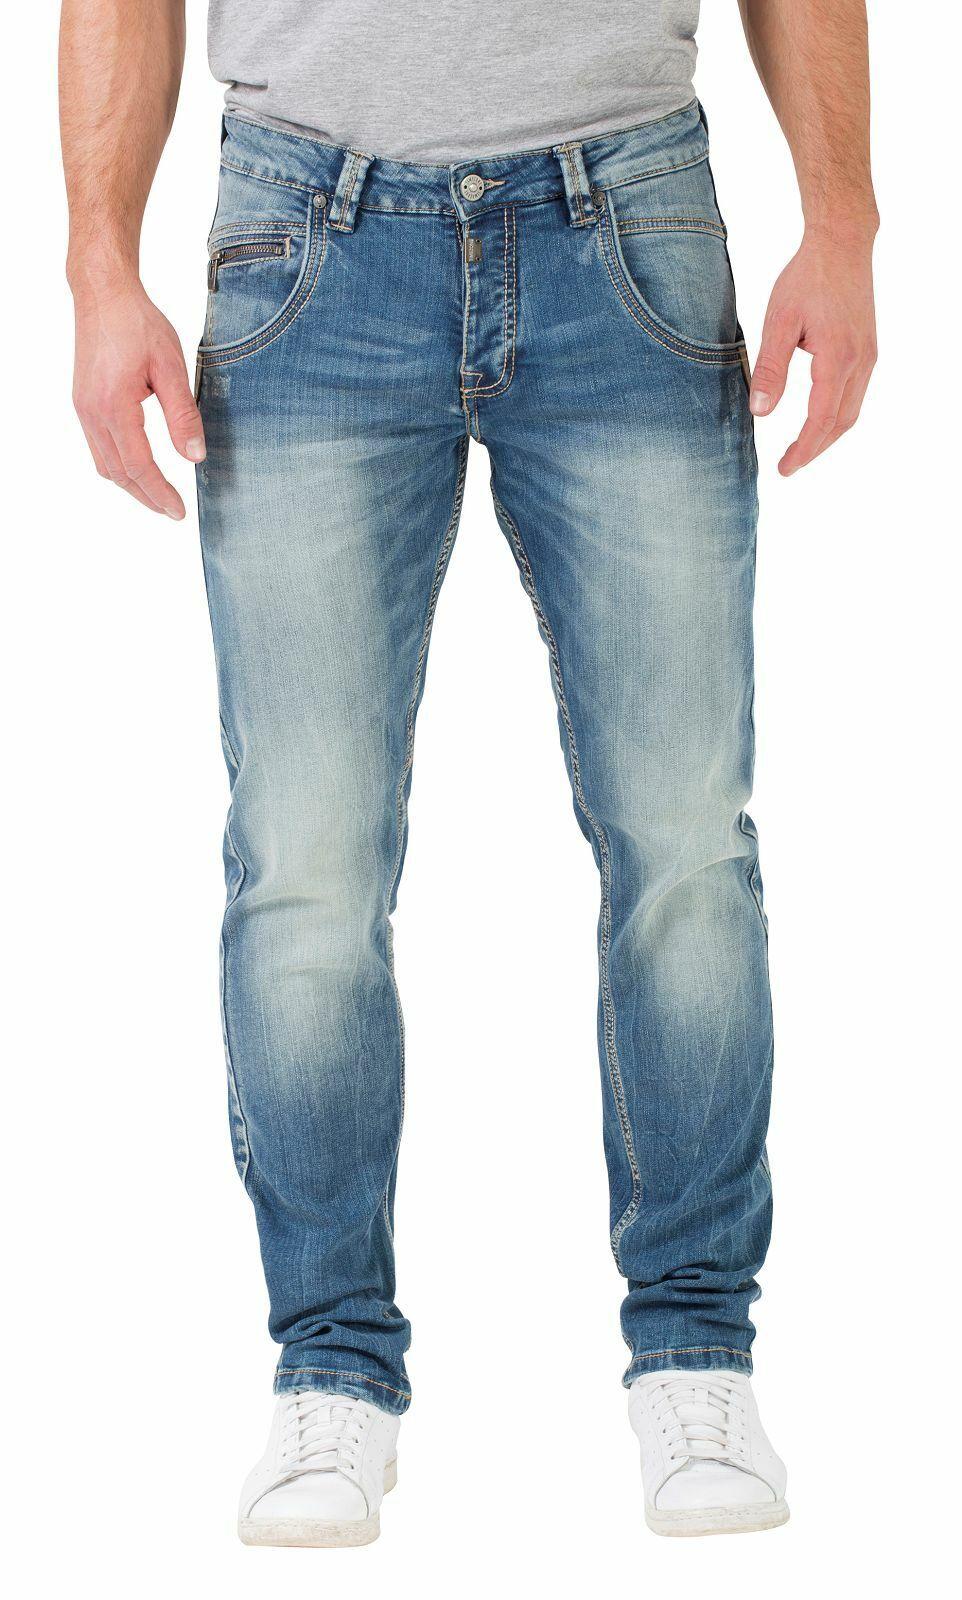 Timezone Herren Jeans 27-10013 Harold Rough Slim light indigo wash Hose denim  | Speichern  | Züchtungen Eingeführt Werden Eine Nach Der Anderen  | Sehr gelobt und vom Publikum der Verbraucher geschätzt